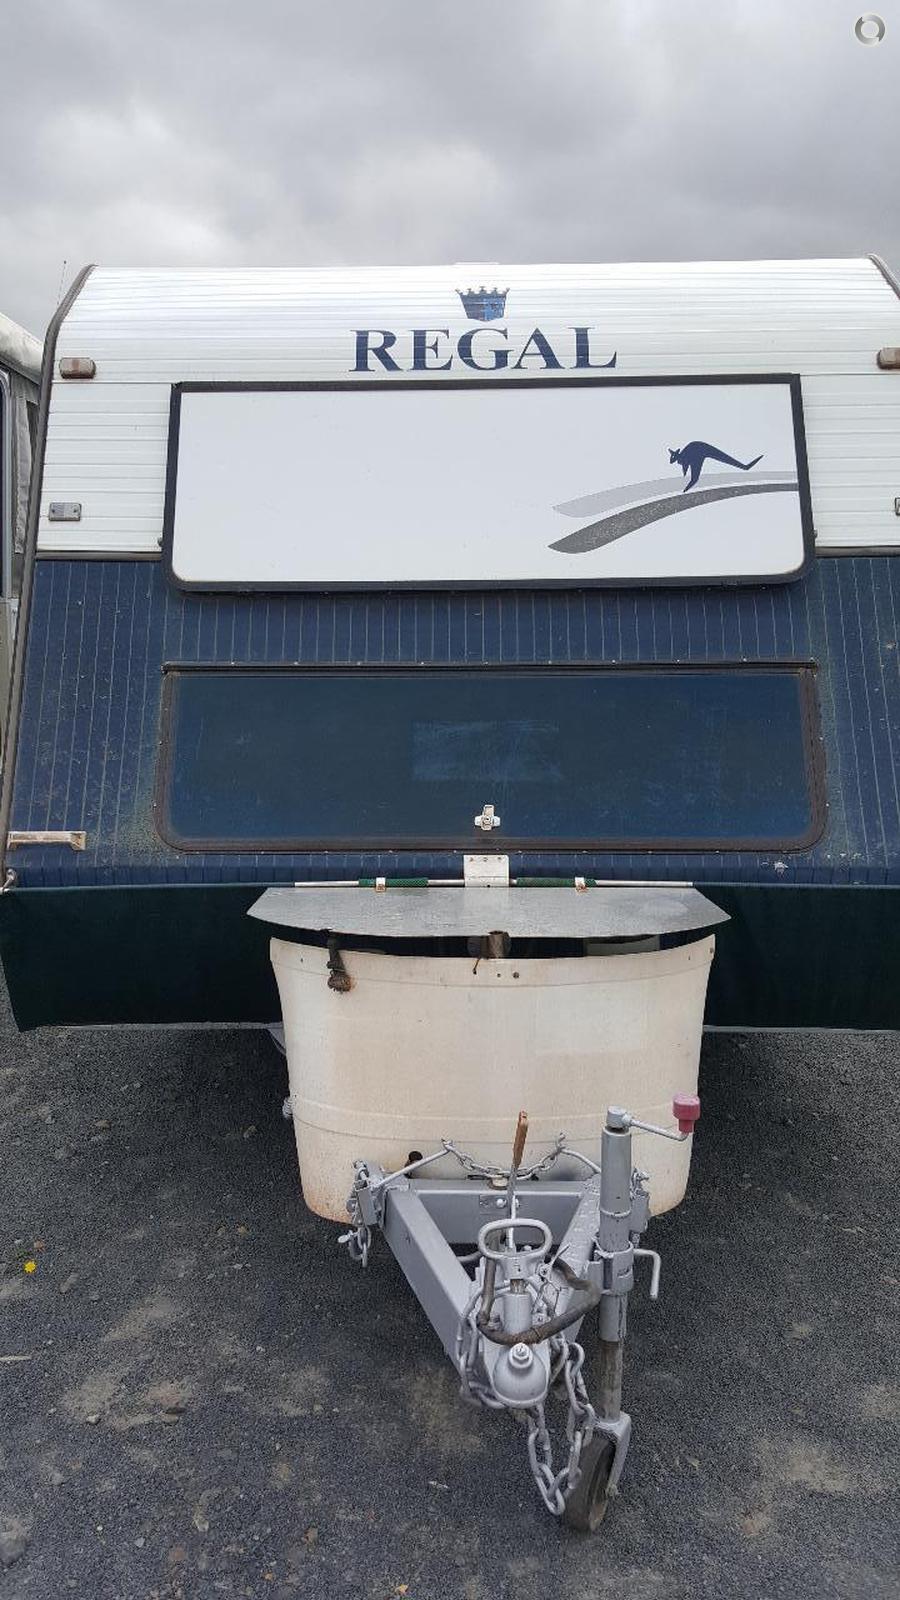 2001 Regal Deluxe Comfort Tourer